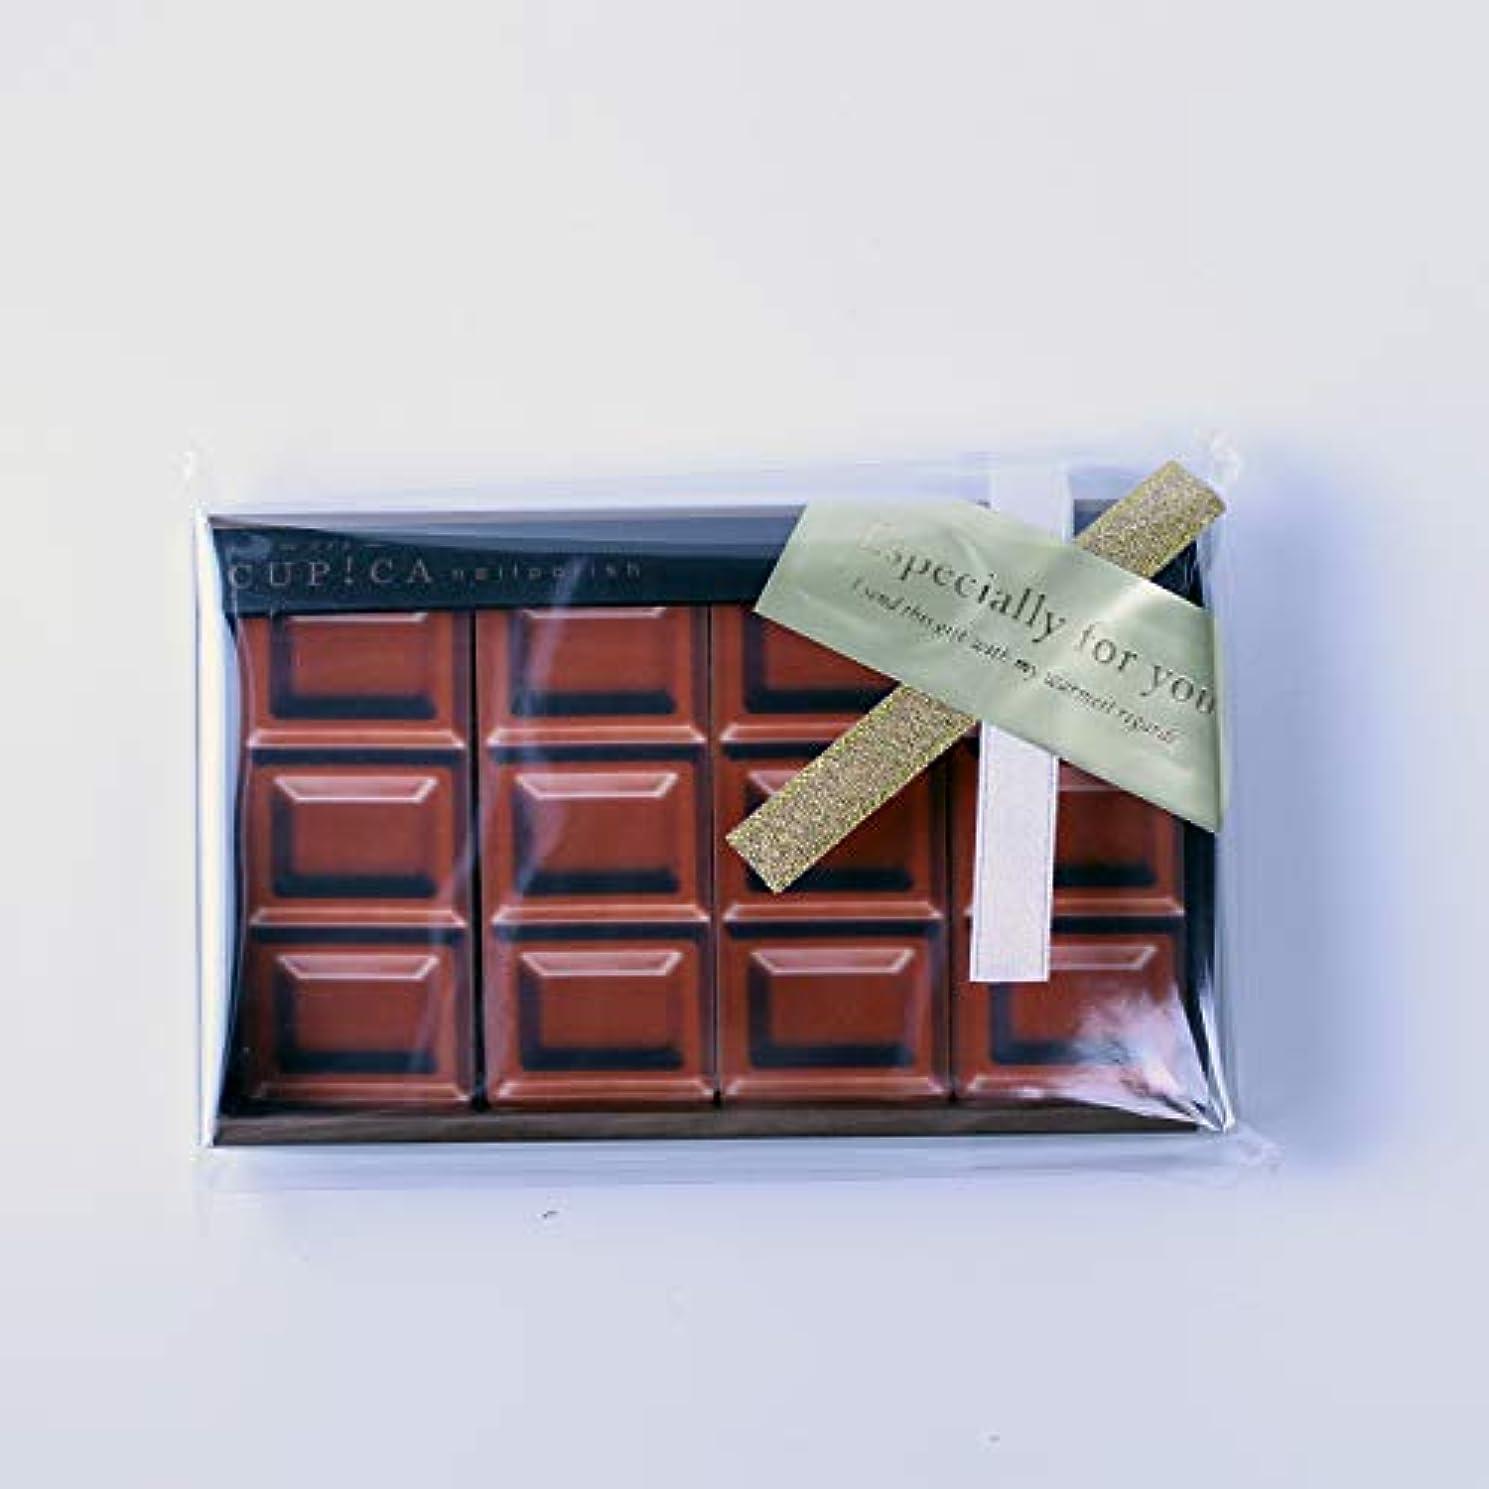 蛇行分相対性理論バレンタイン ホワイトデー ギフト お餞別 チョコのような爪磨き おもしろグッズ アルスキュピカ チョコレート柄 ギフトシール付 クリアケース入